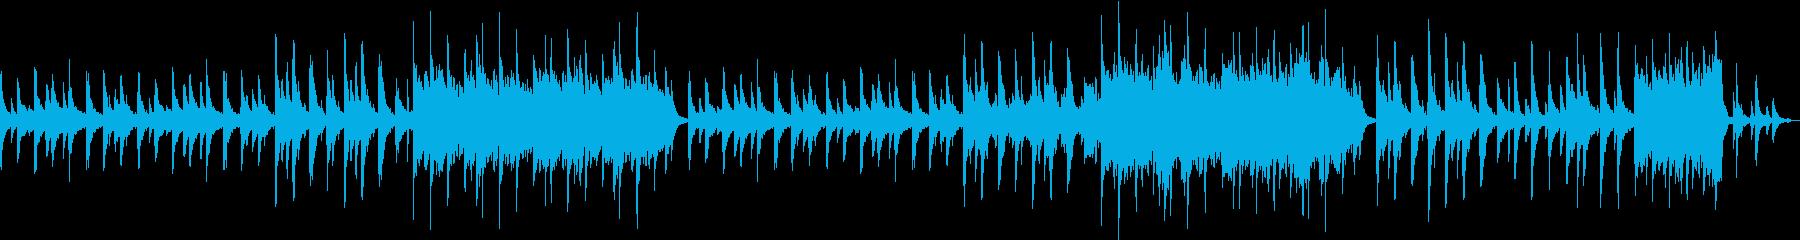 切ないピアノとバイオリンが特徴のバラードの再生済みの波形